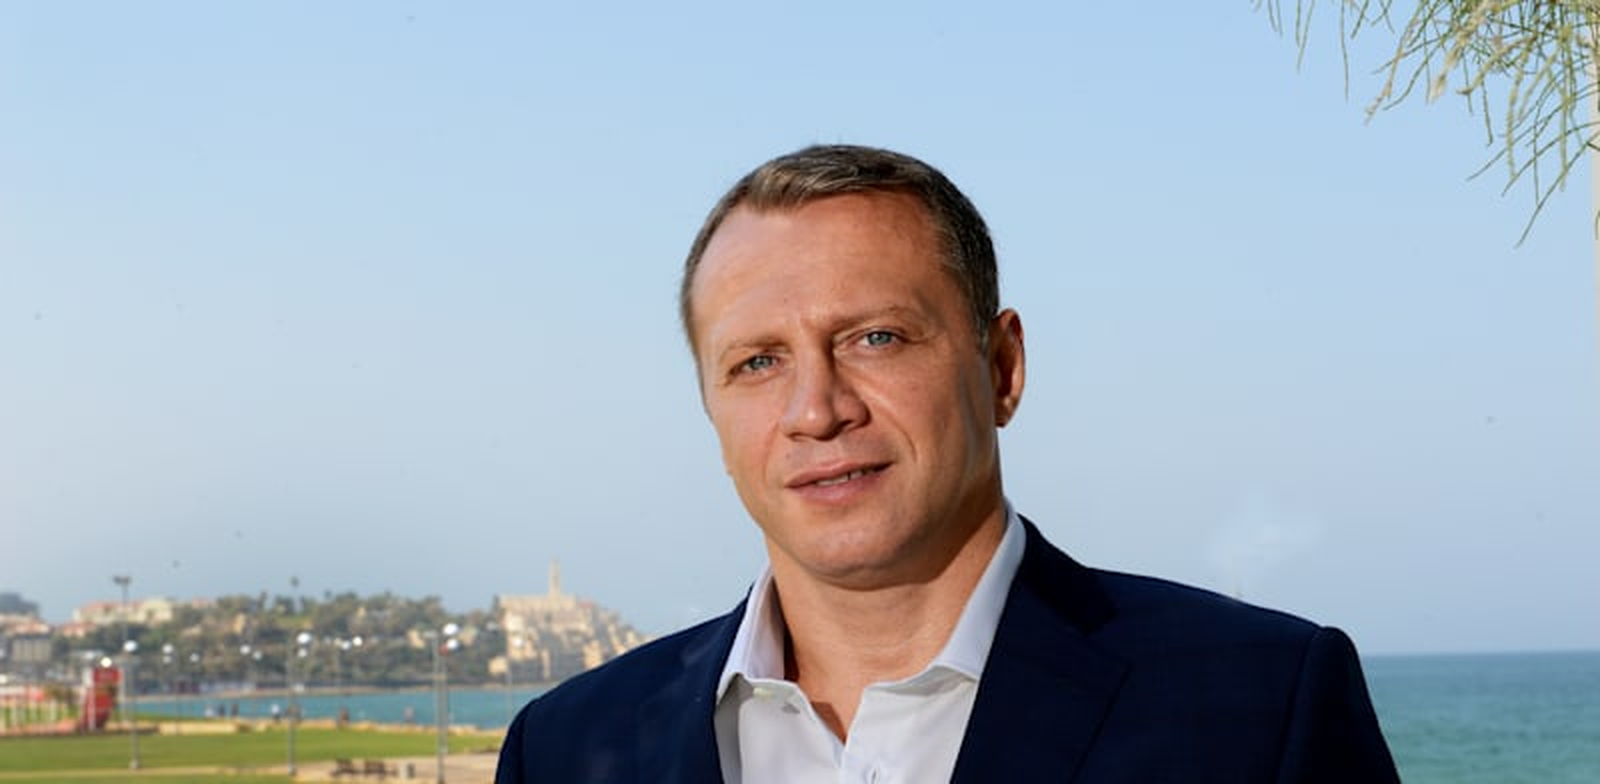 שר התיירות יואל רזבוזוב / צילום: איל יצהר